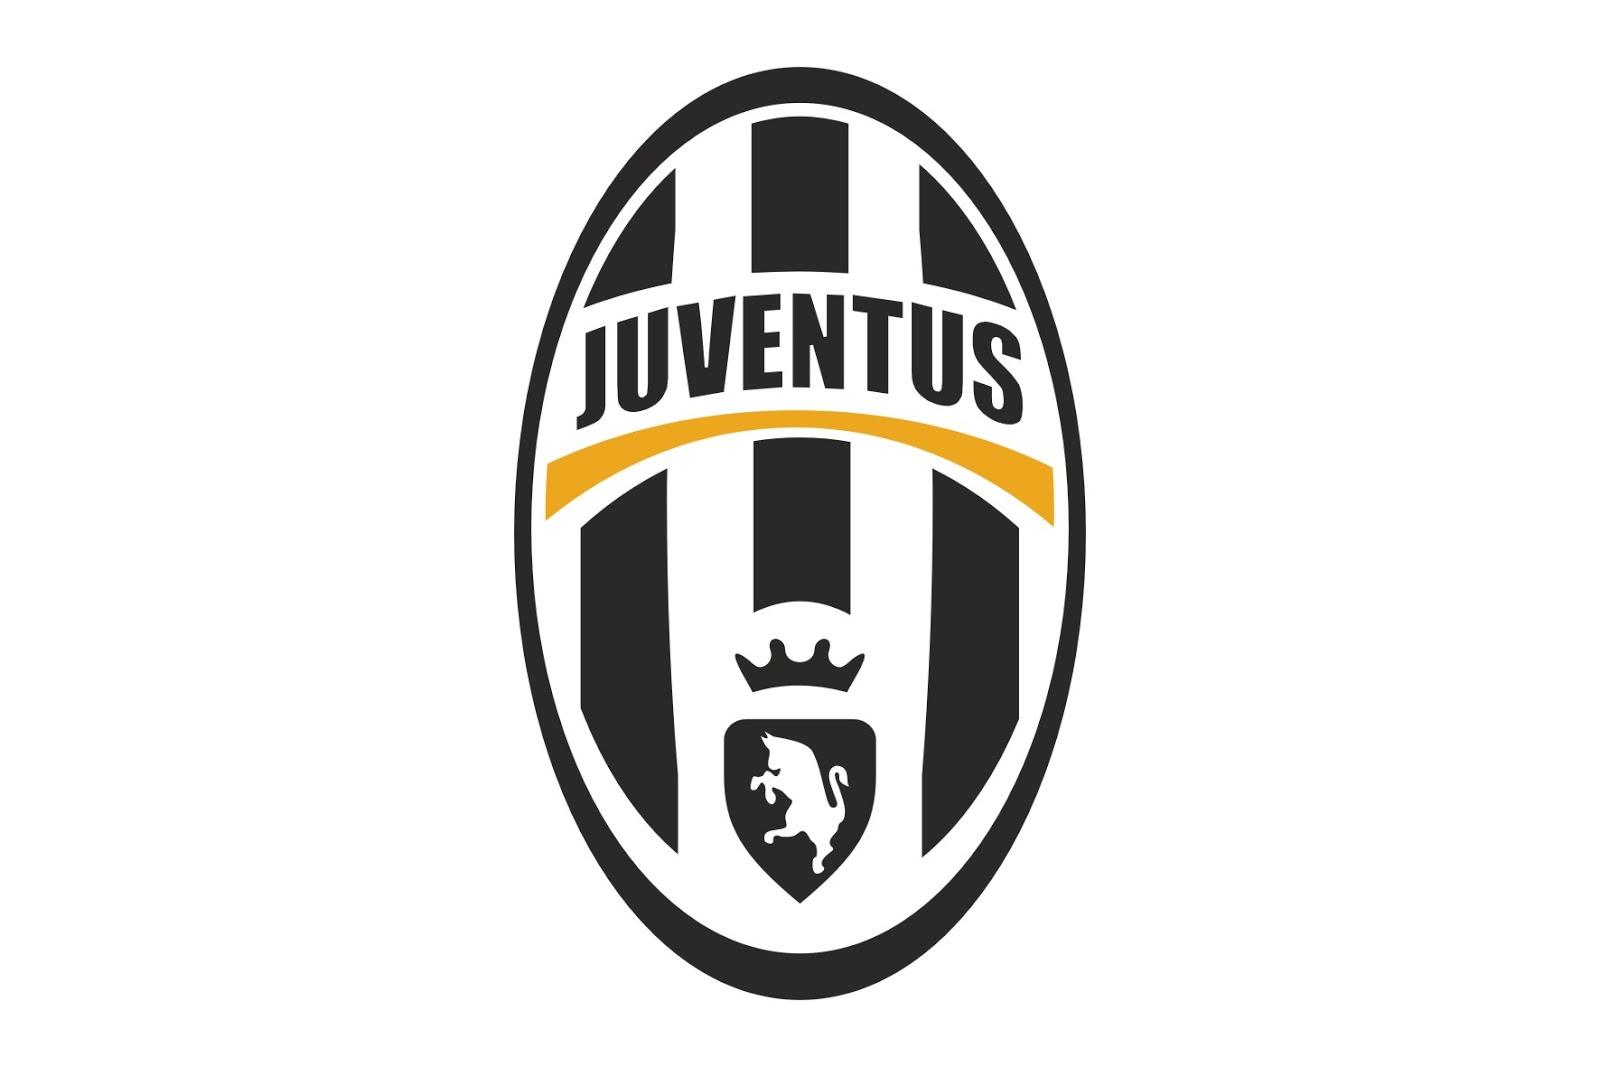 http://4.bp.blogspot.com/-IJacmFkY55Y/UNbSQdi4i3I/AAAAAAAAENY/b12bWesEm5s/s1600/Logo+Juventus.jpg